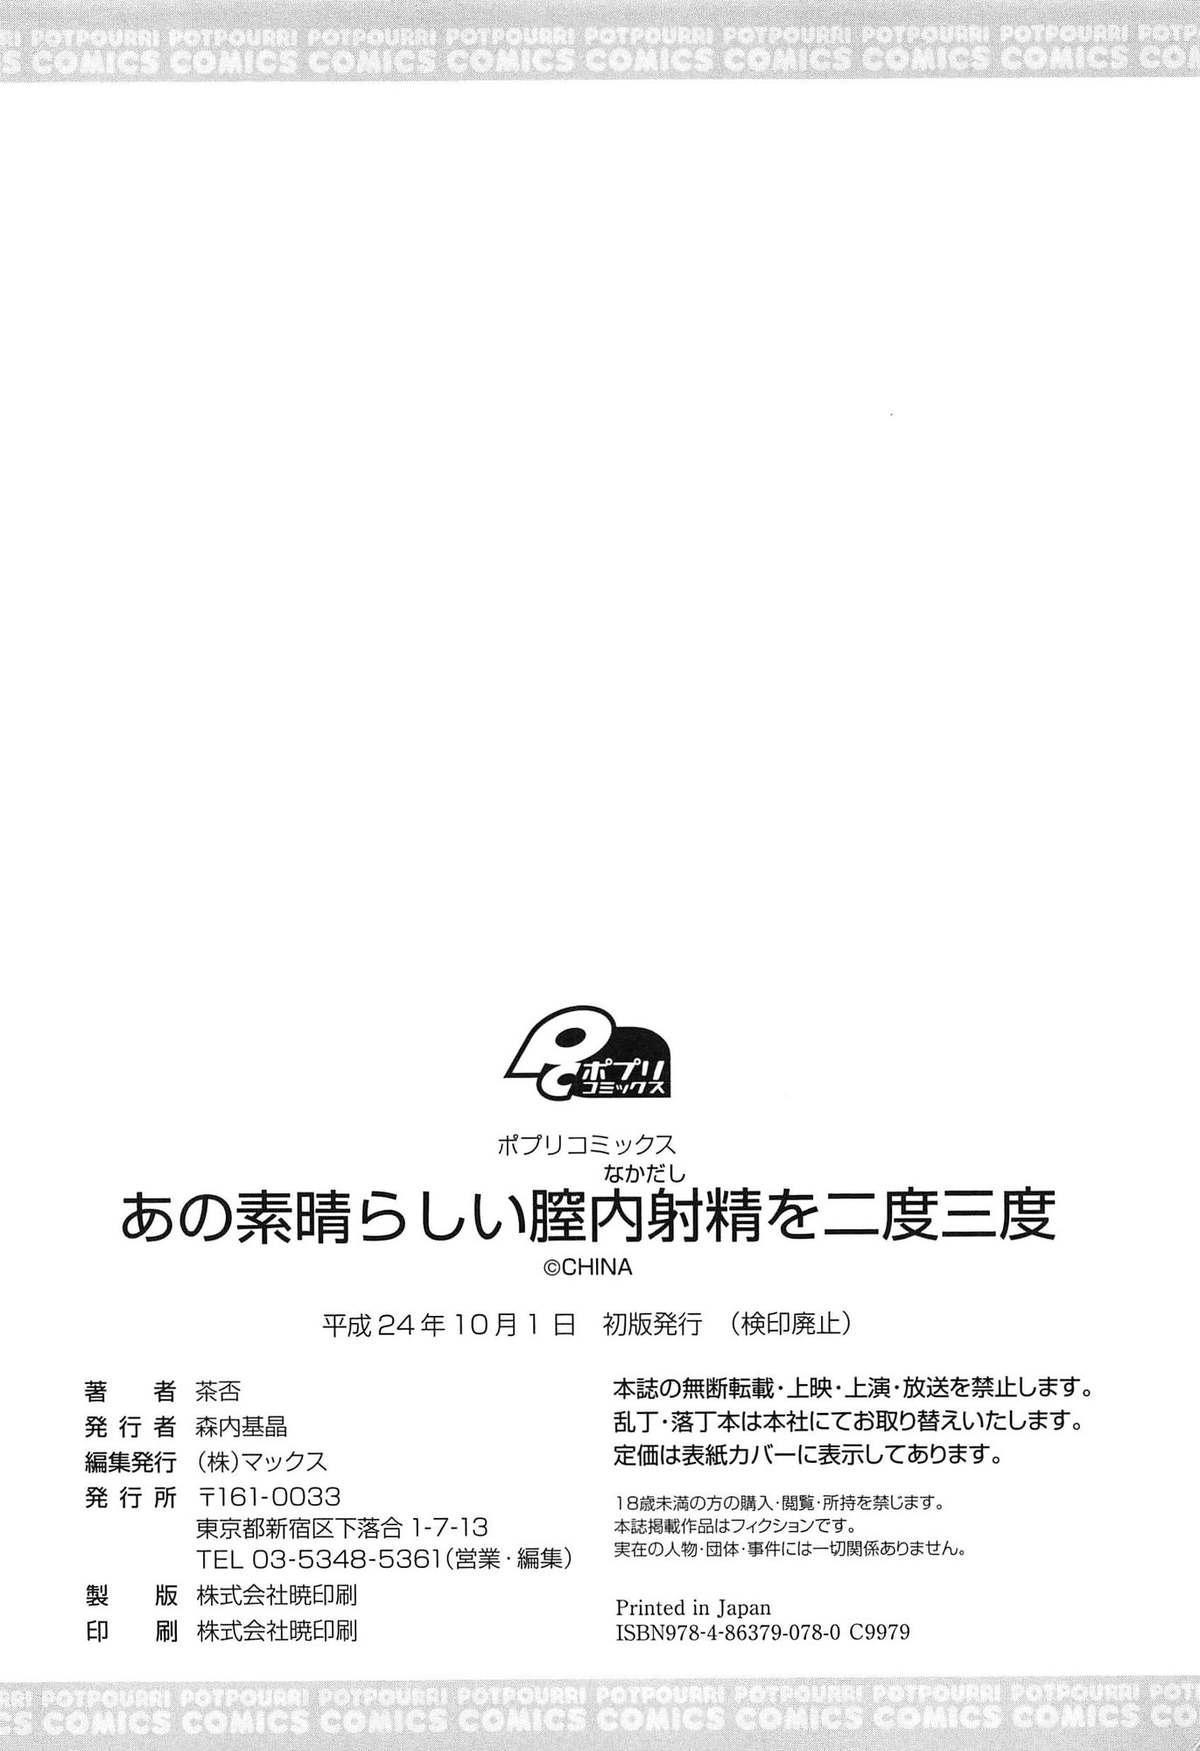 Ano Subarashii Nakadashi wo Nidosando 198